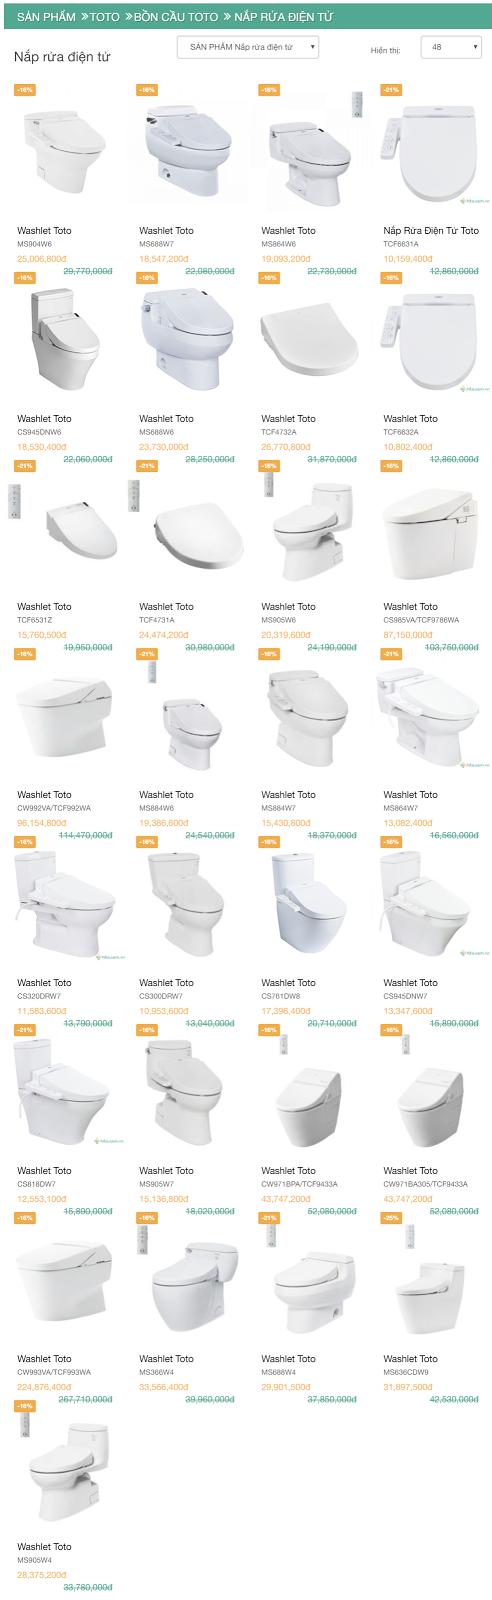 bảng giá catalogue showroom bồn cầu điện tử nắp rửa điện tử washlet Toto 2018 mới nhất